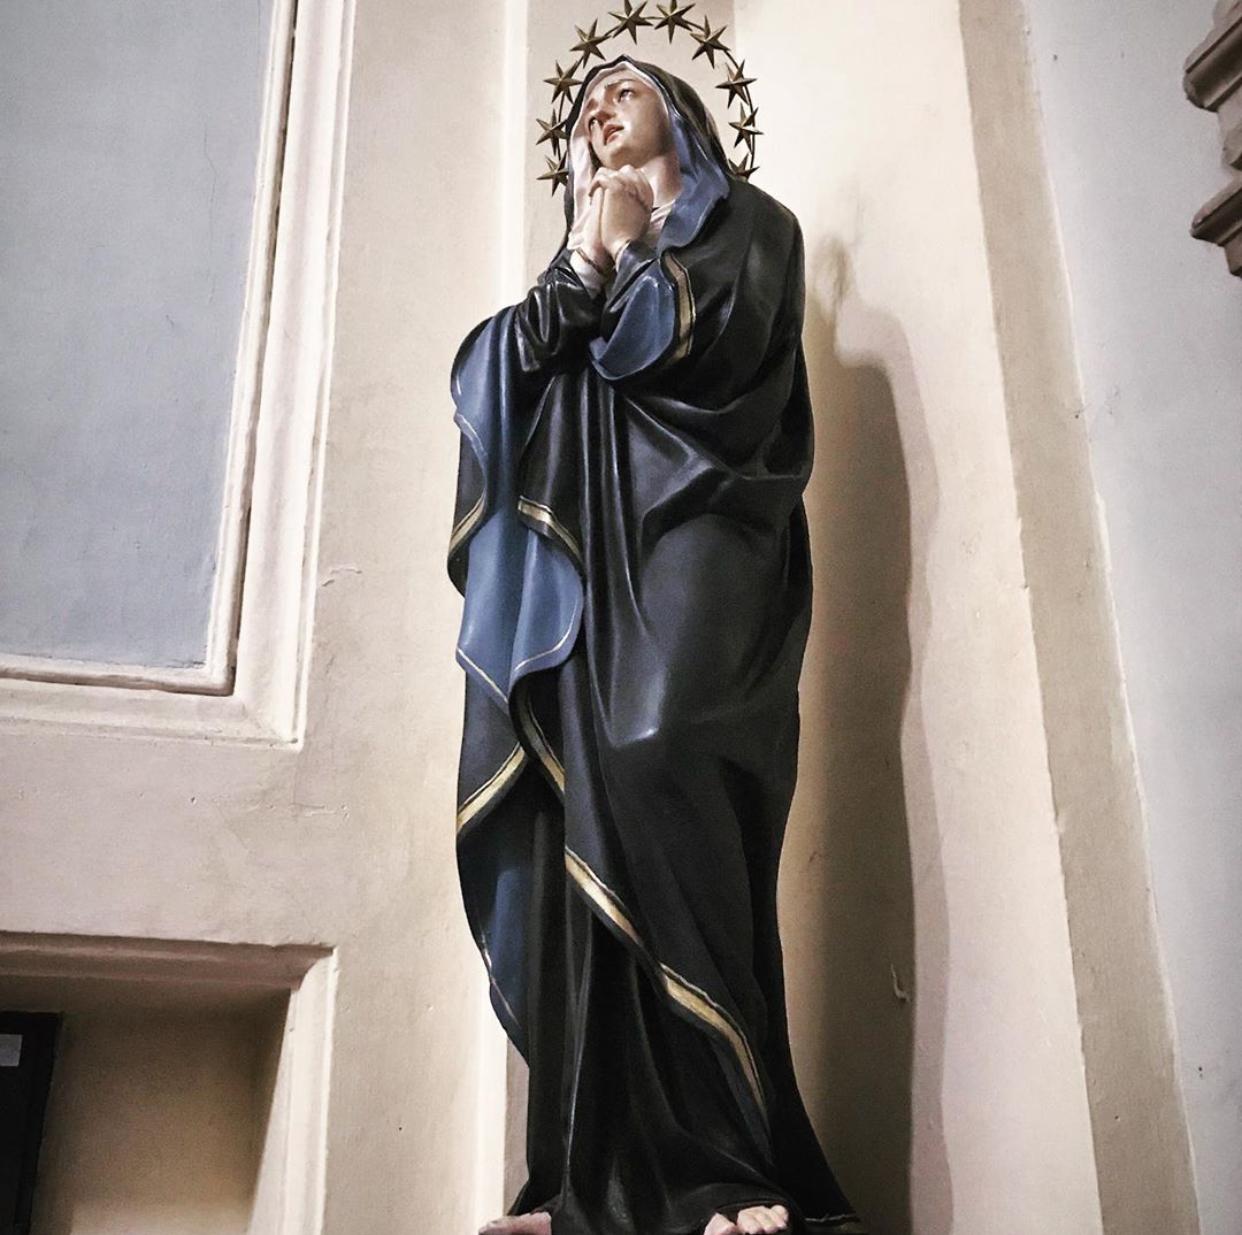 Maria sculpture in fiberglass